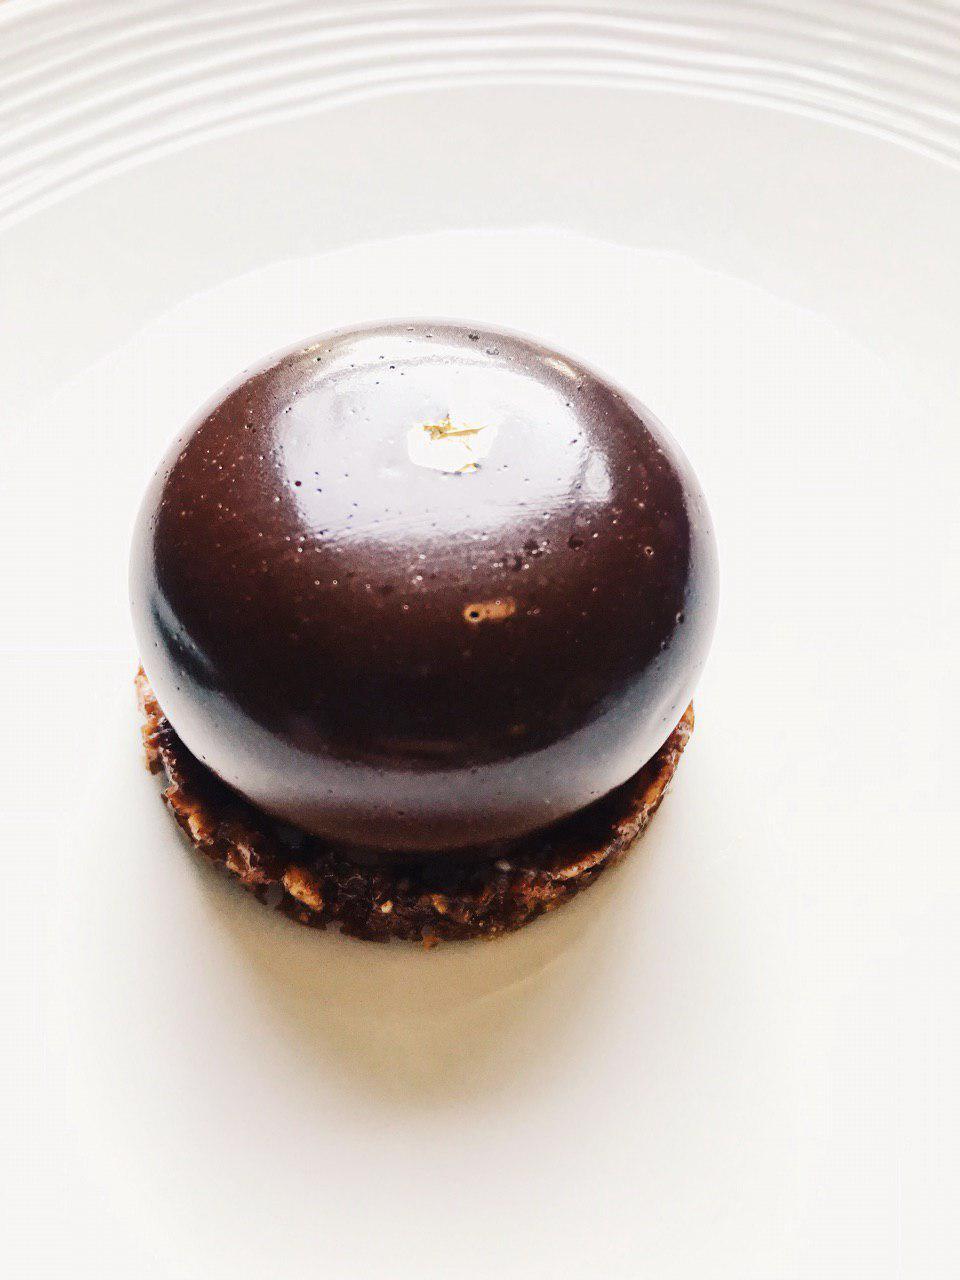 kue coklat jakarta